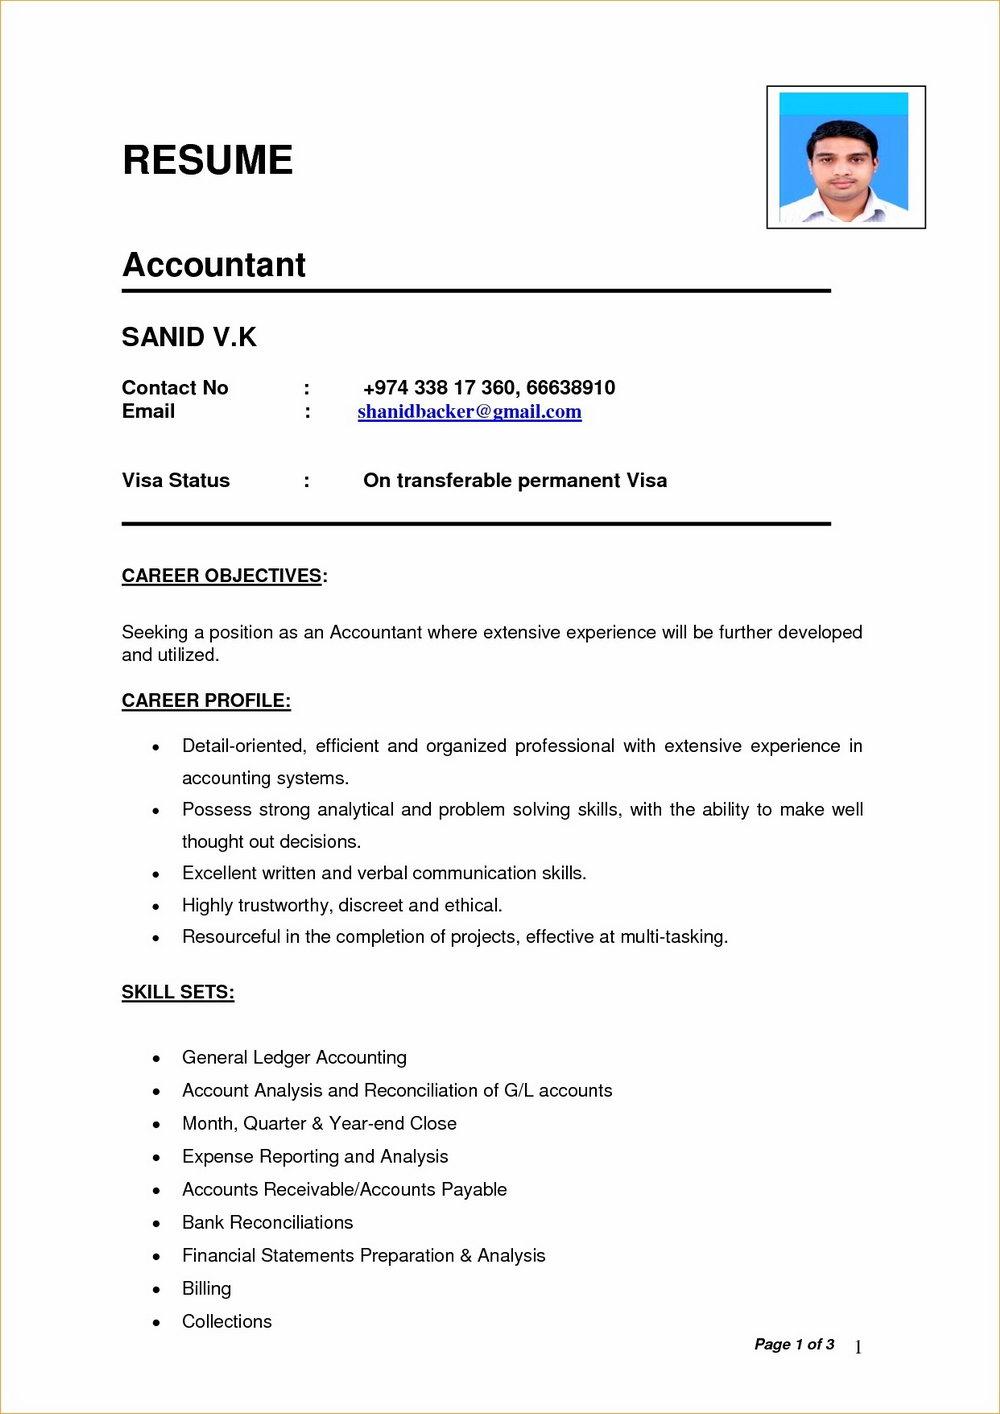 Simple Resume Format In Ms Word